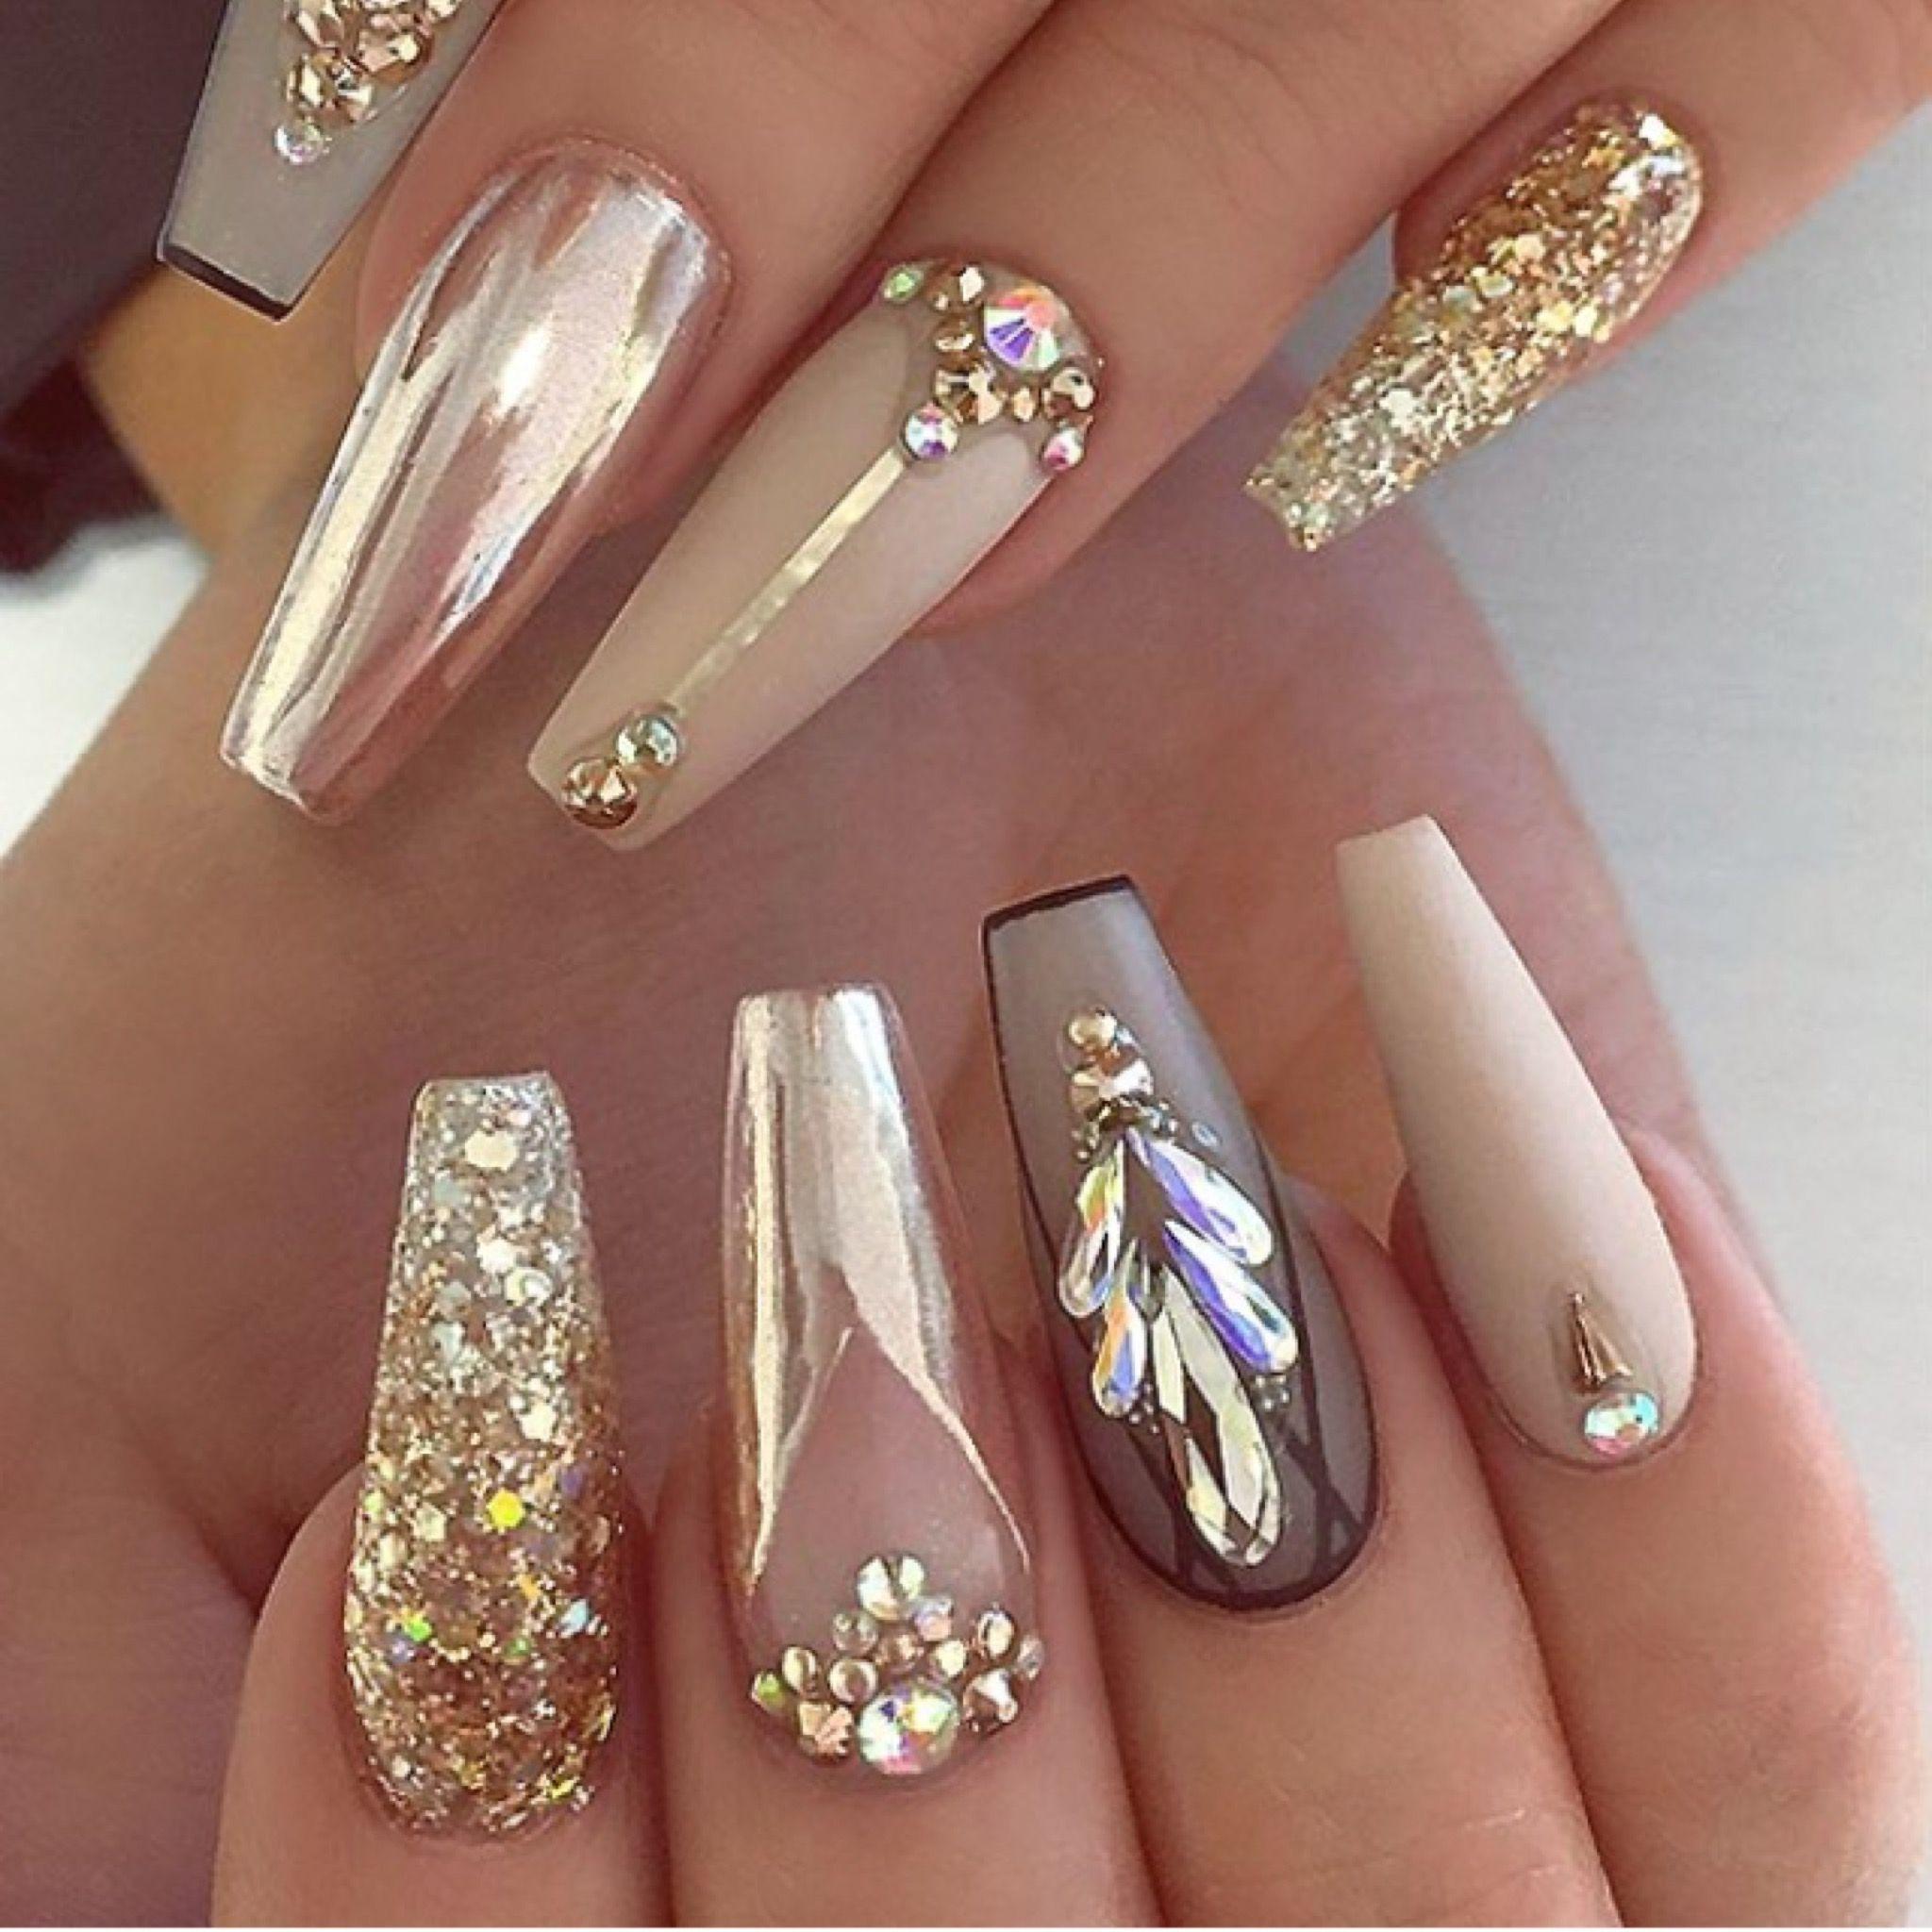 Pin By Rhonda Carlisle On Nail Ideas In 2020 Gold Acrylic Nails Remove Acrylic Nails Gold Chrome Nails